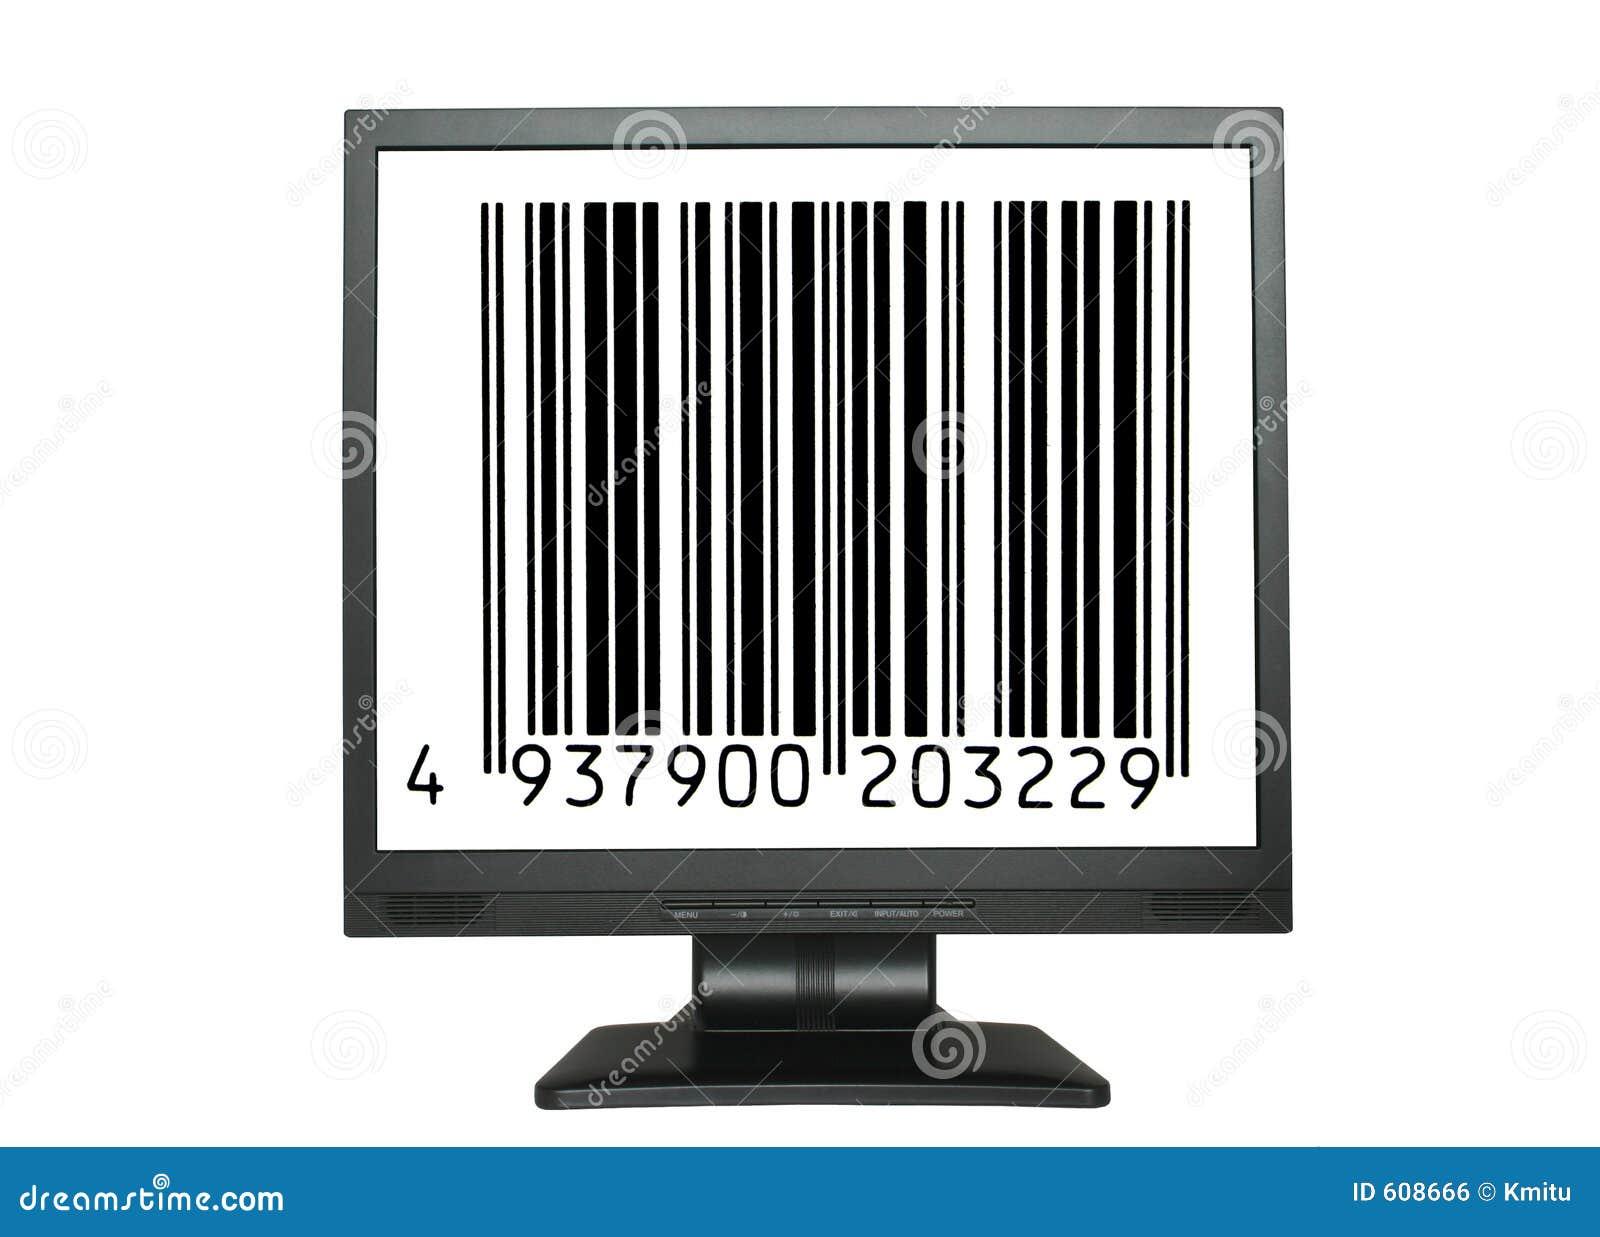 Lcd-Bildschirm mit einem Strichkode eines nicht vorhandenen Produktes